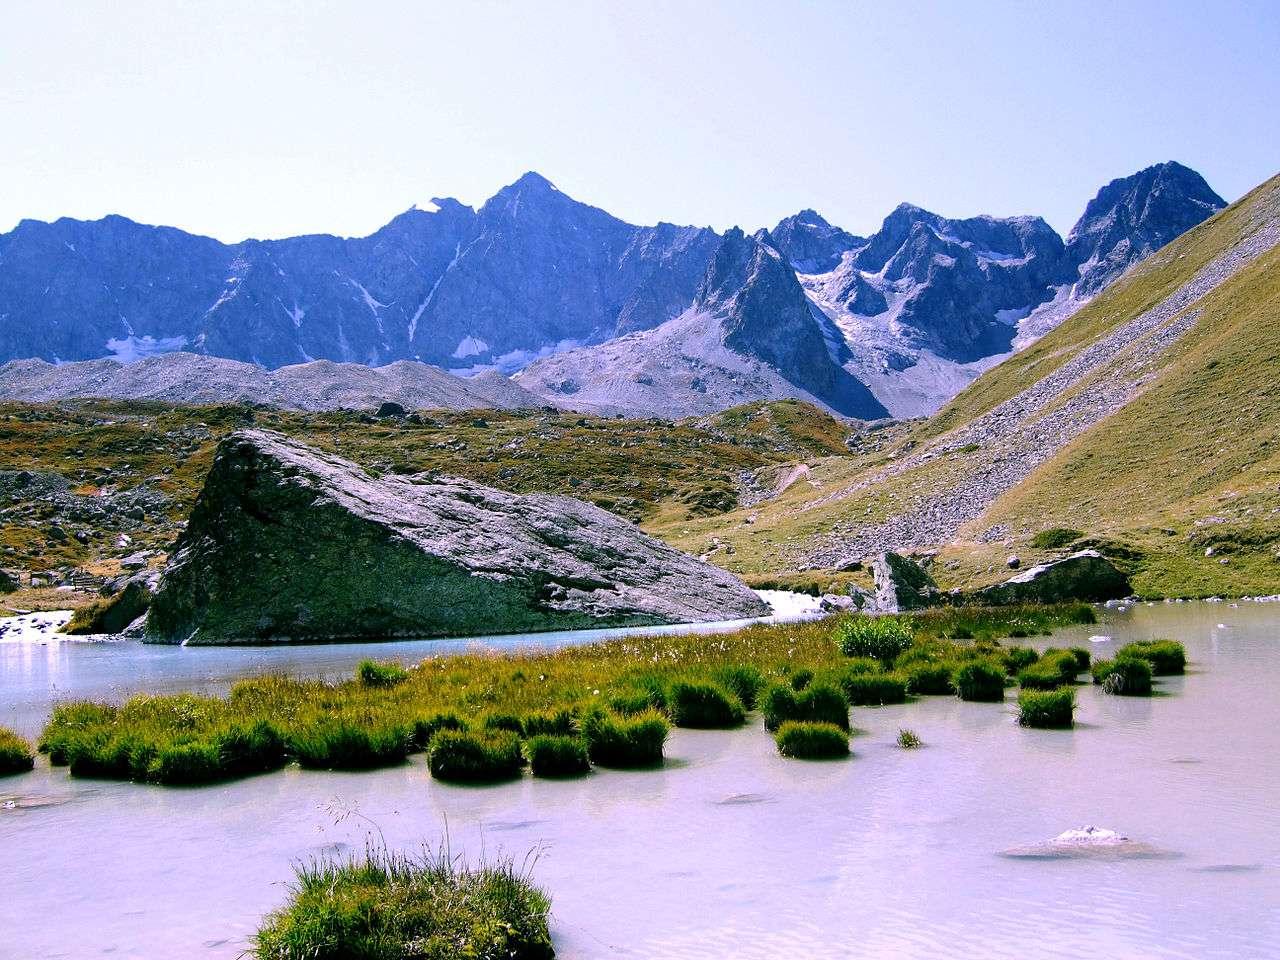 Le parc national des Écrins a été nommé Parc européen de la haute montagne par le Conseil de l'Europe. © Dominicus Johannes Bergsma, Wikimedia Commons, cc by sa 3.0